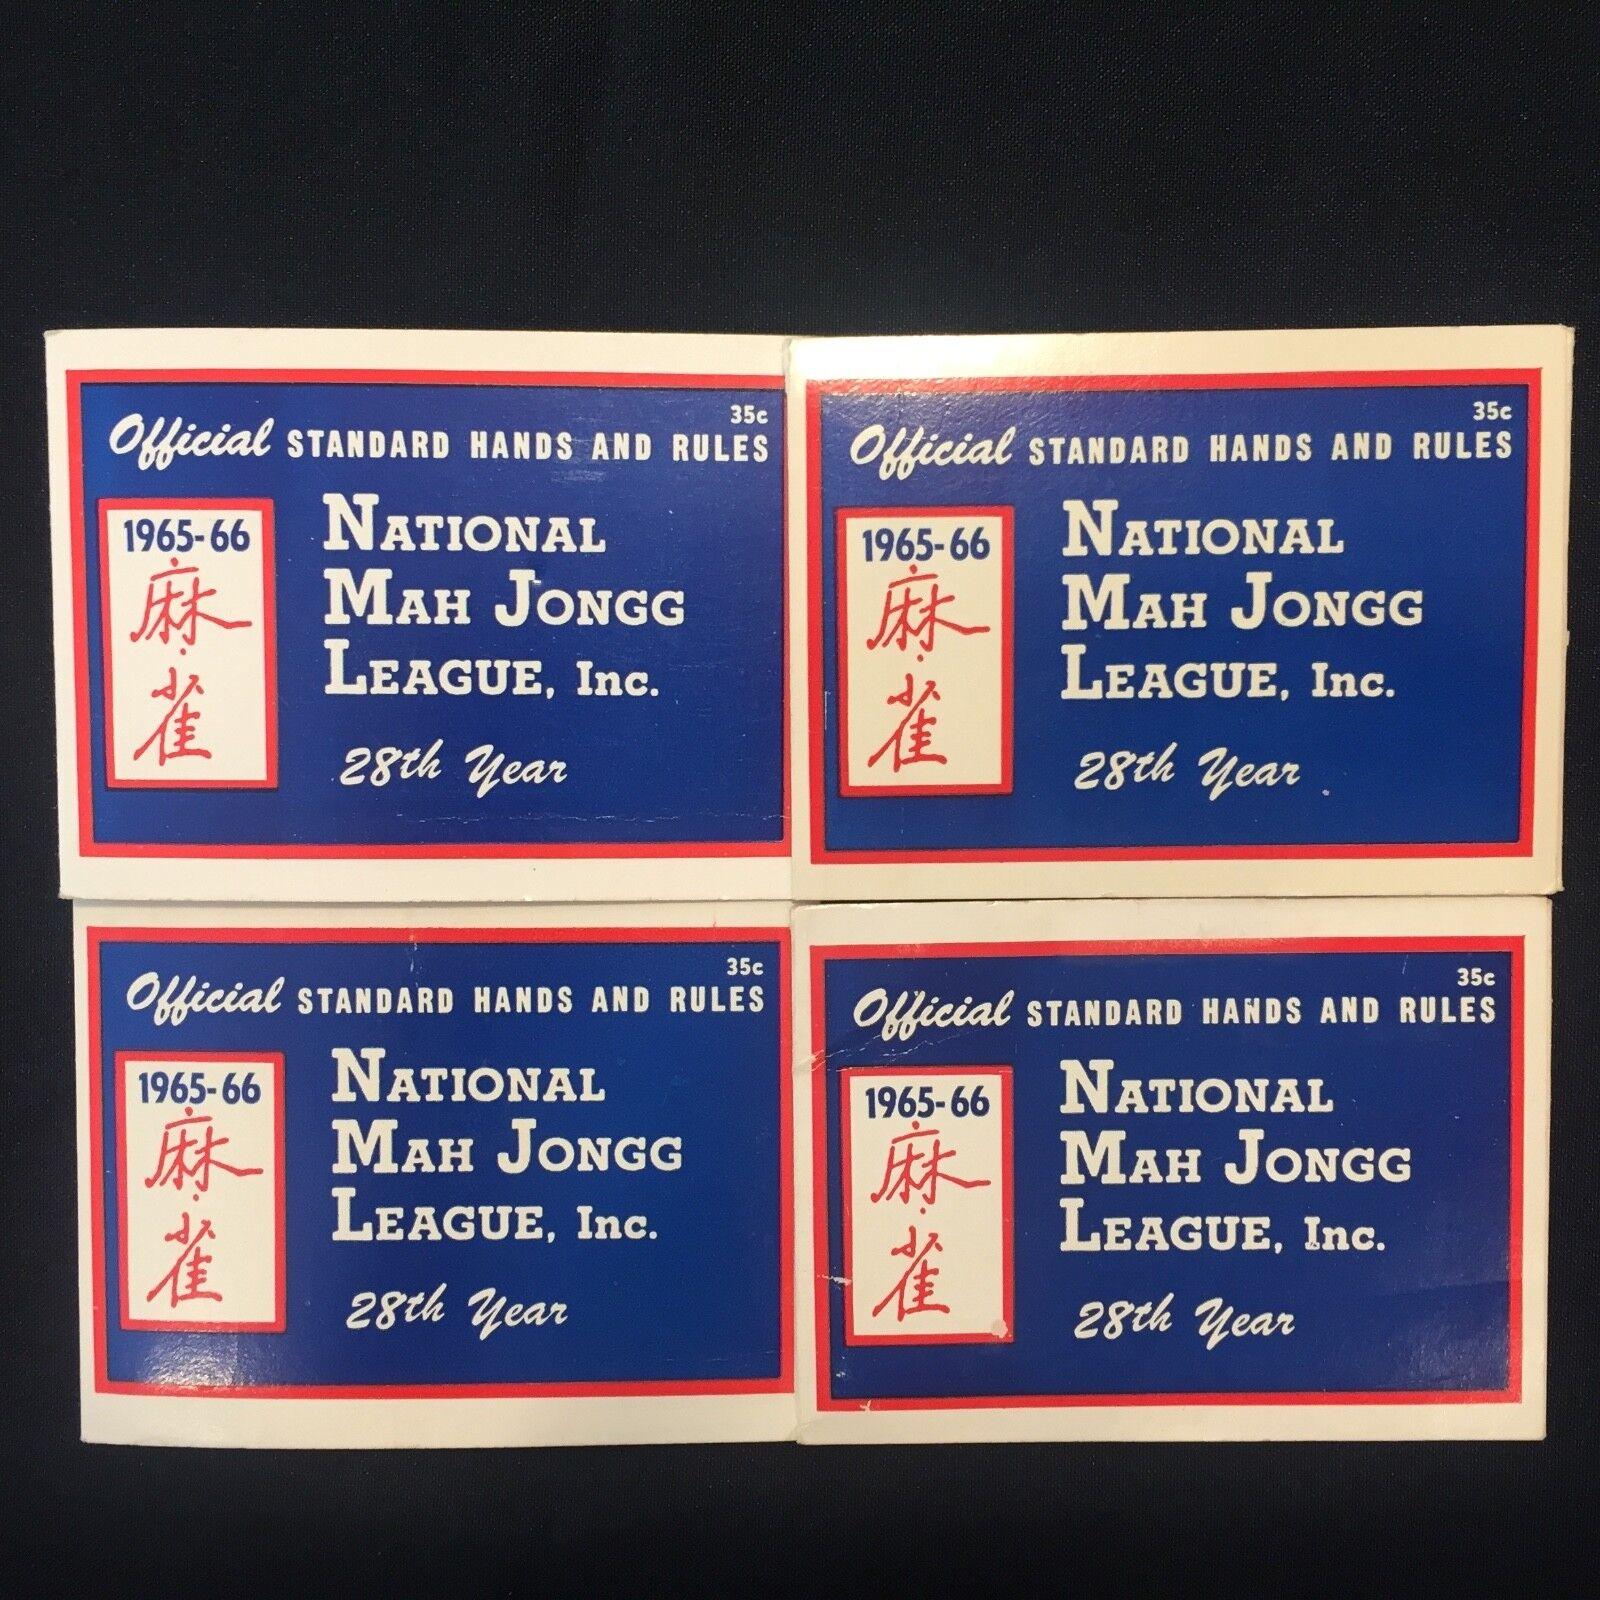 1965 MAH JONG JONGG NATIONAL LEAGUE, INC OFFICIAL STANDARD HAND & RULES CARDS